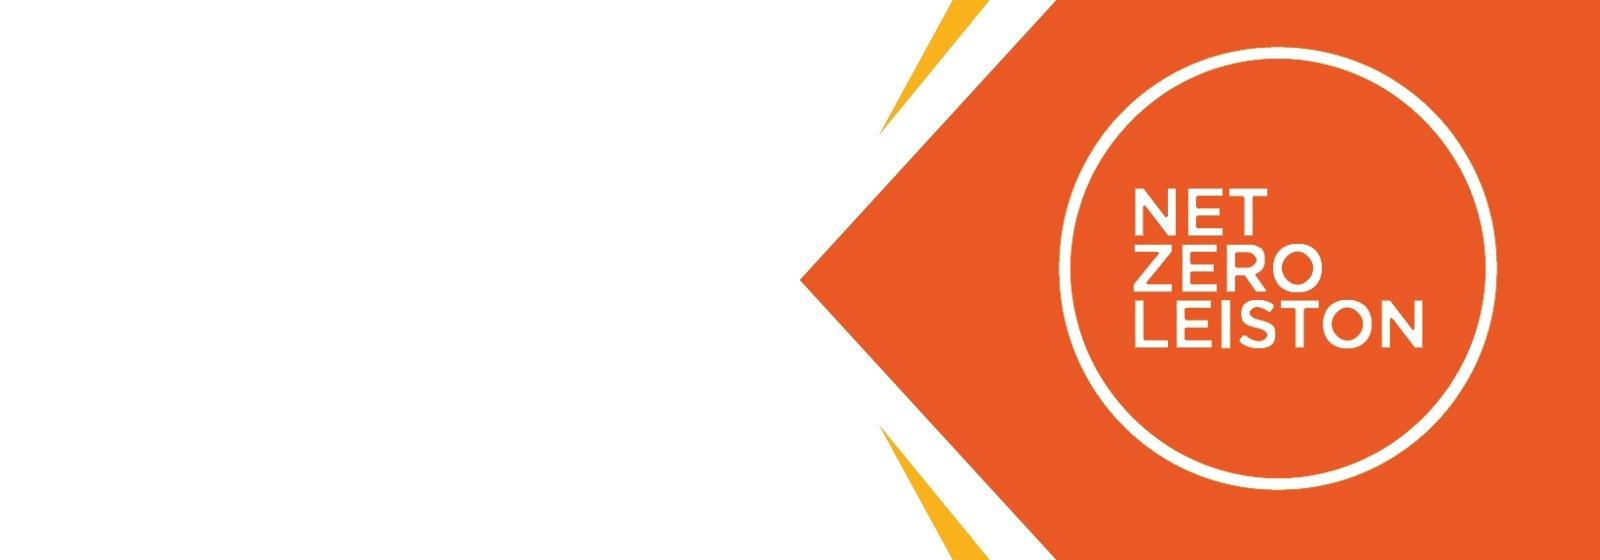 Net Zero Leiston logo